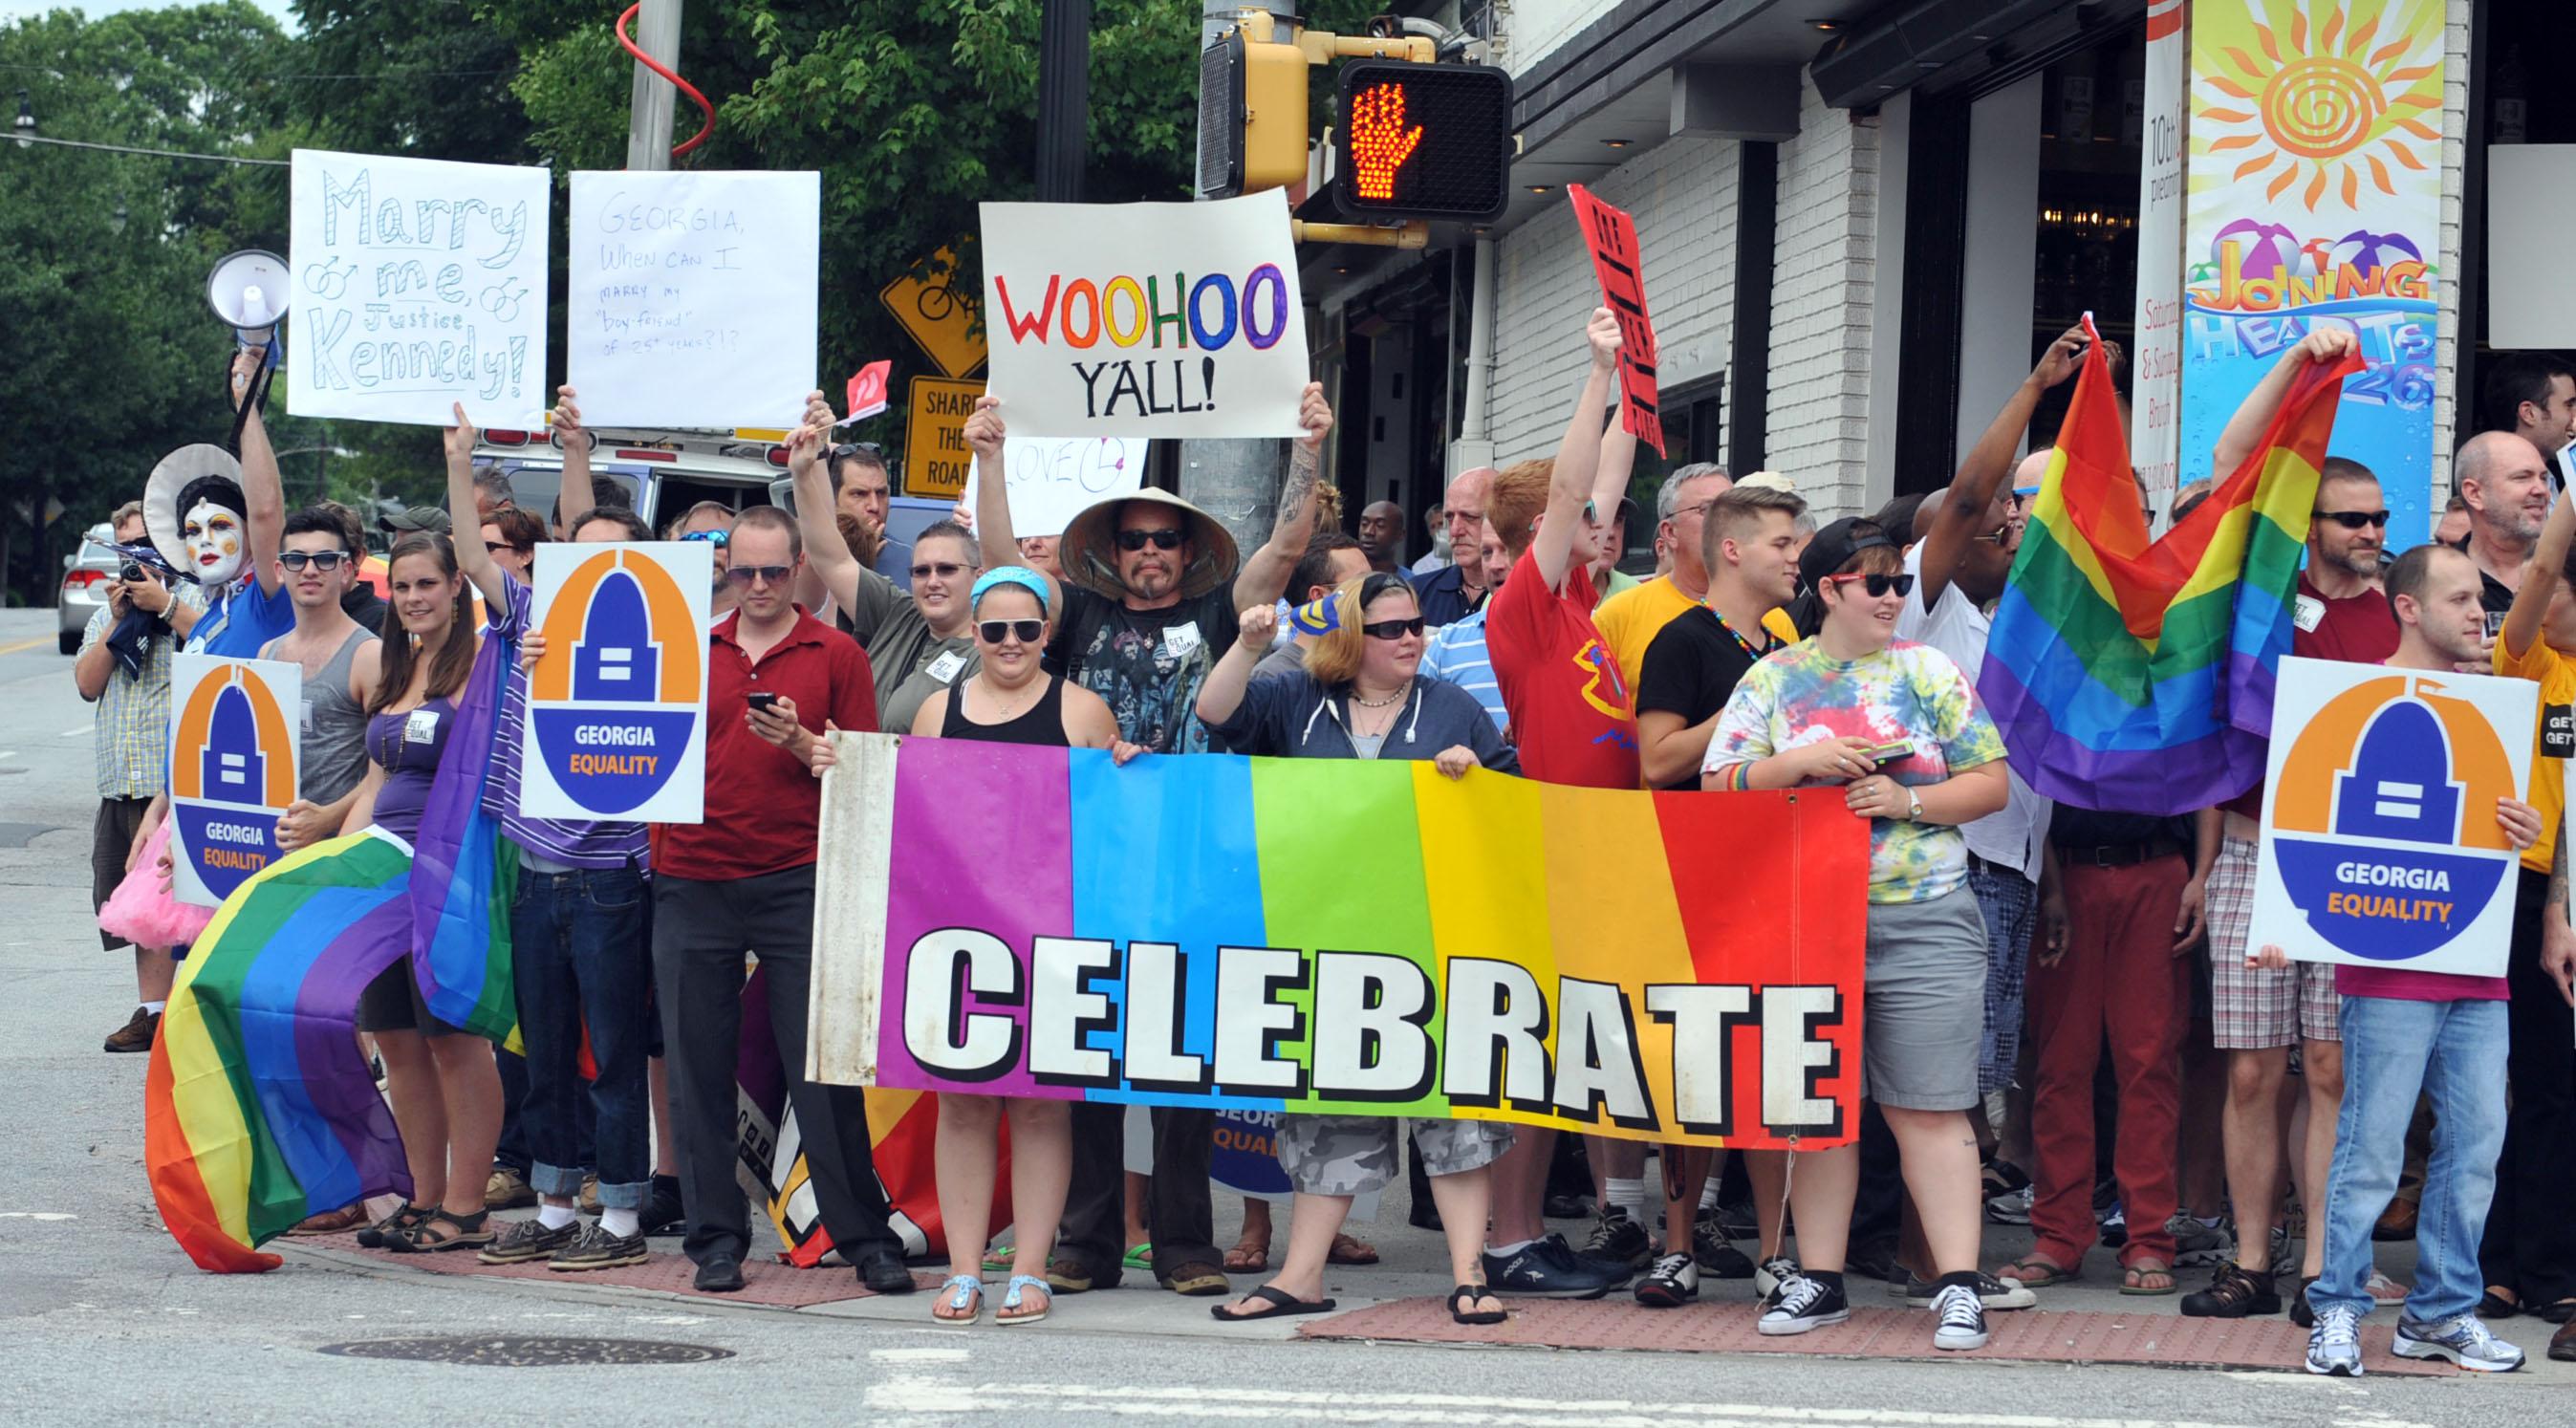 Bang Georgia sẽ bị Marvel và Disney quay lưng nếu chống LGBT